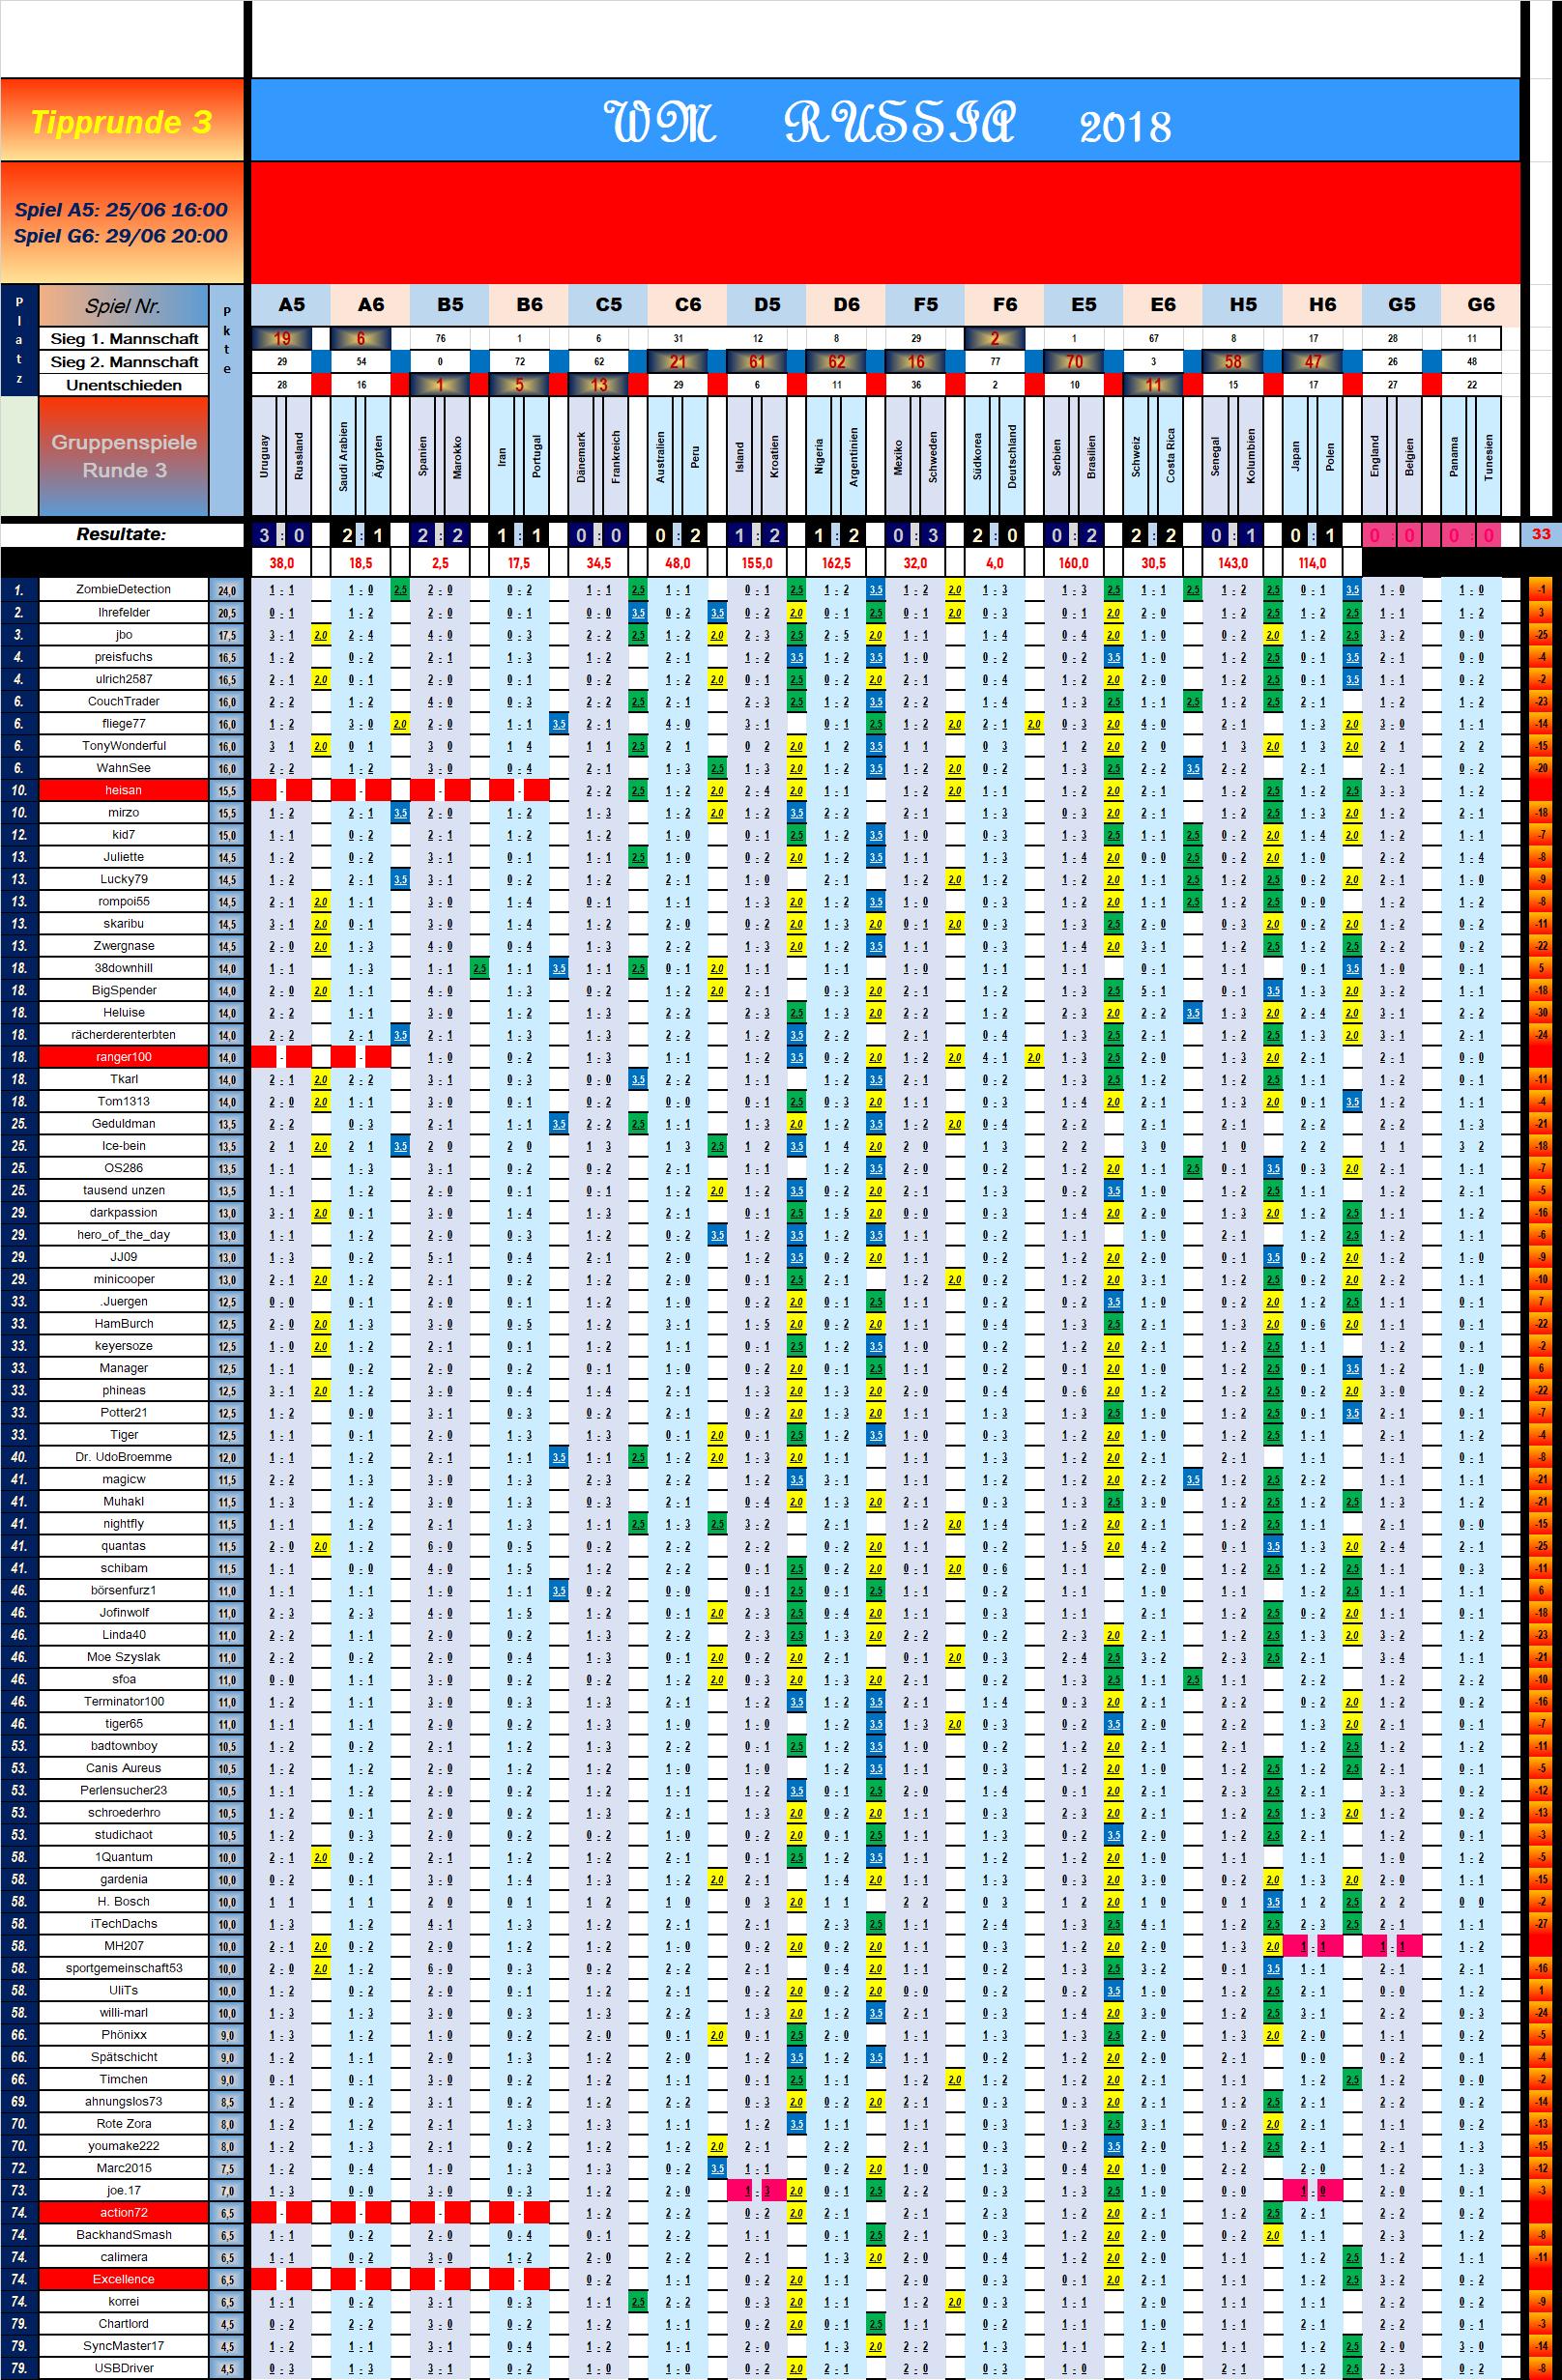 tabelle_vorrunde_3_spiel_14.png